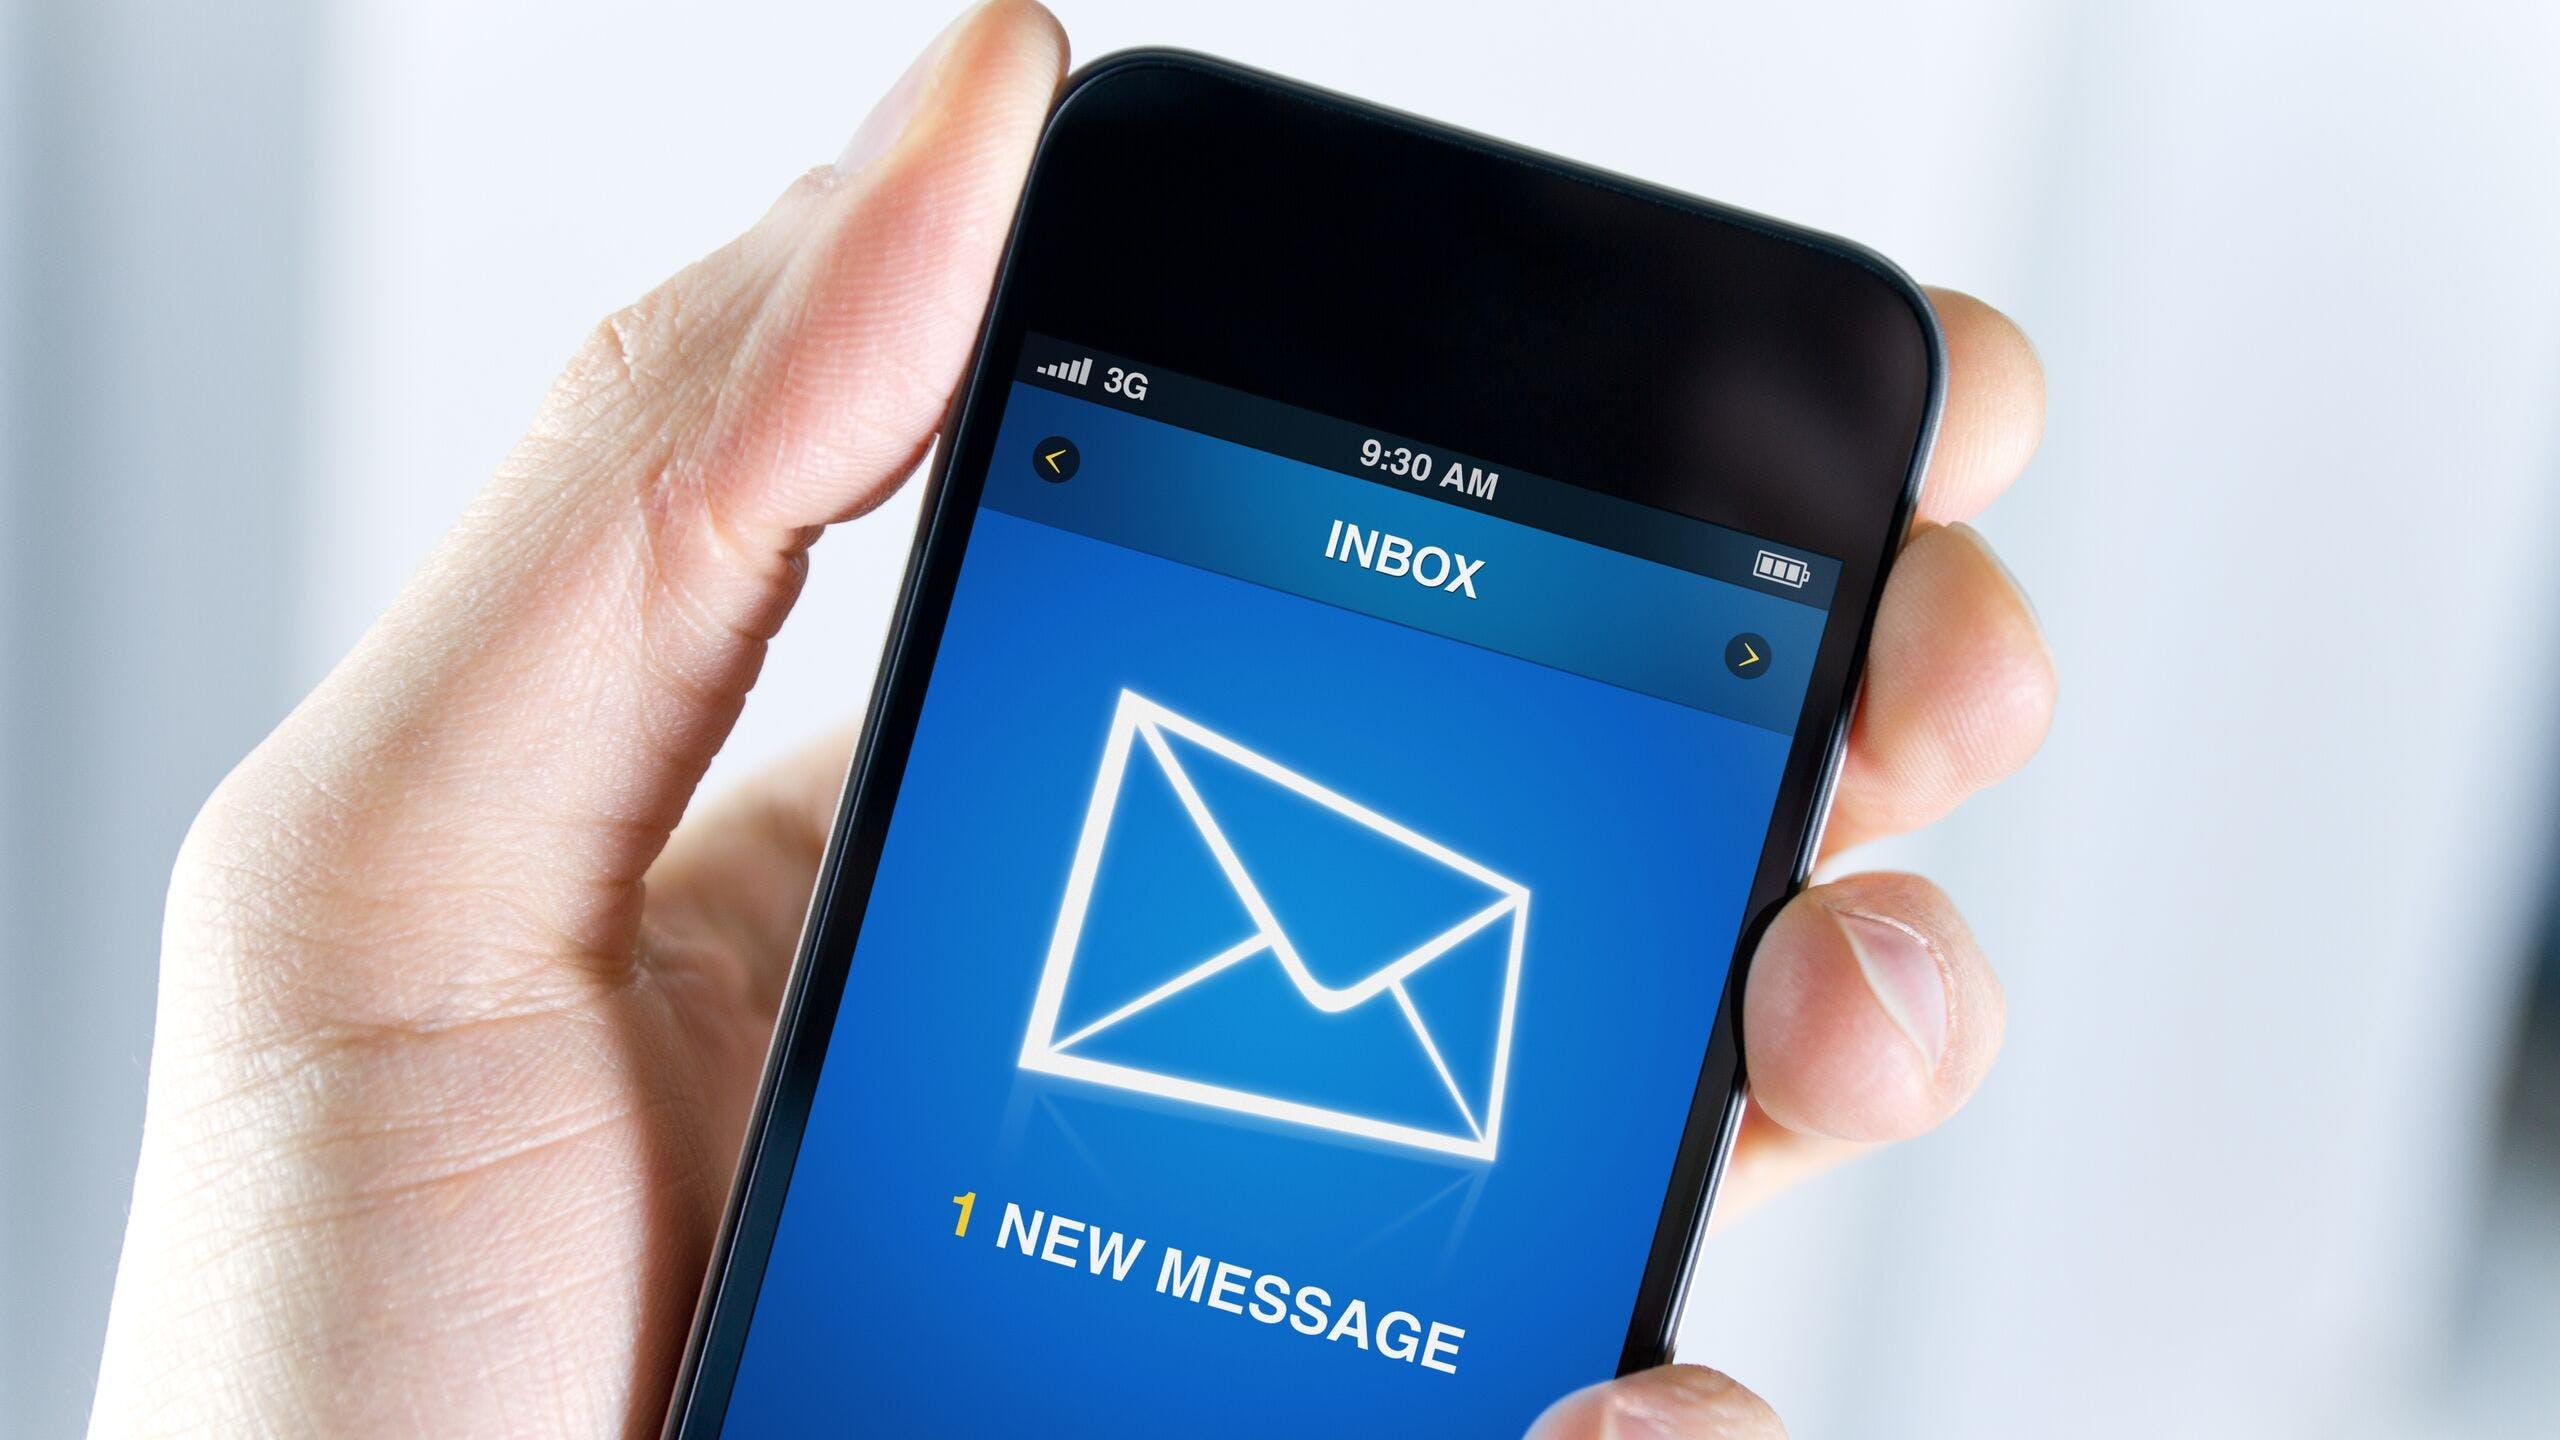 AXA Luxembourg - Cliquer sur le lien d'un mail sans avoir bien vérifié l'expéditeur